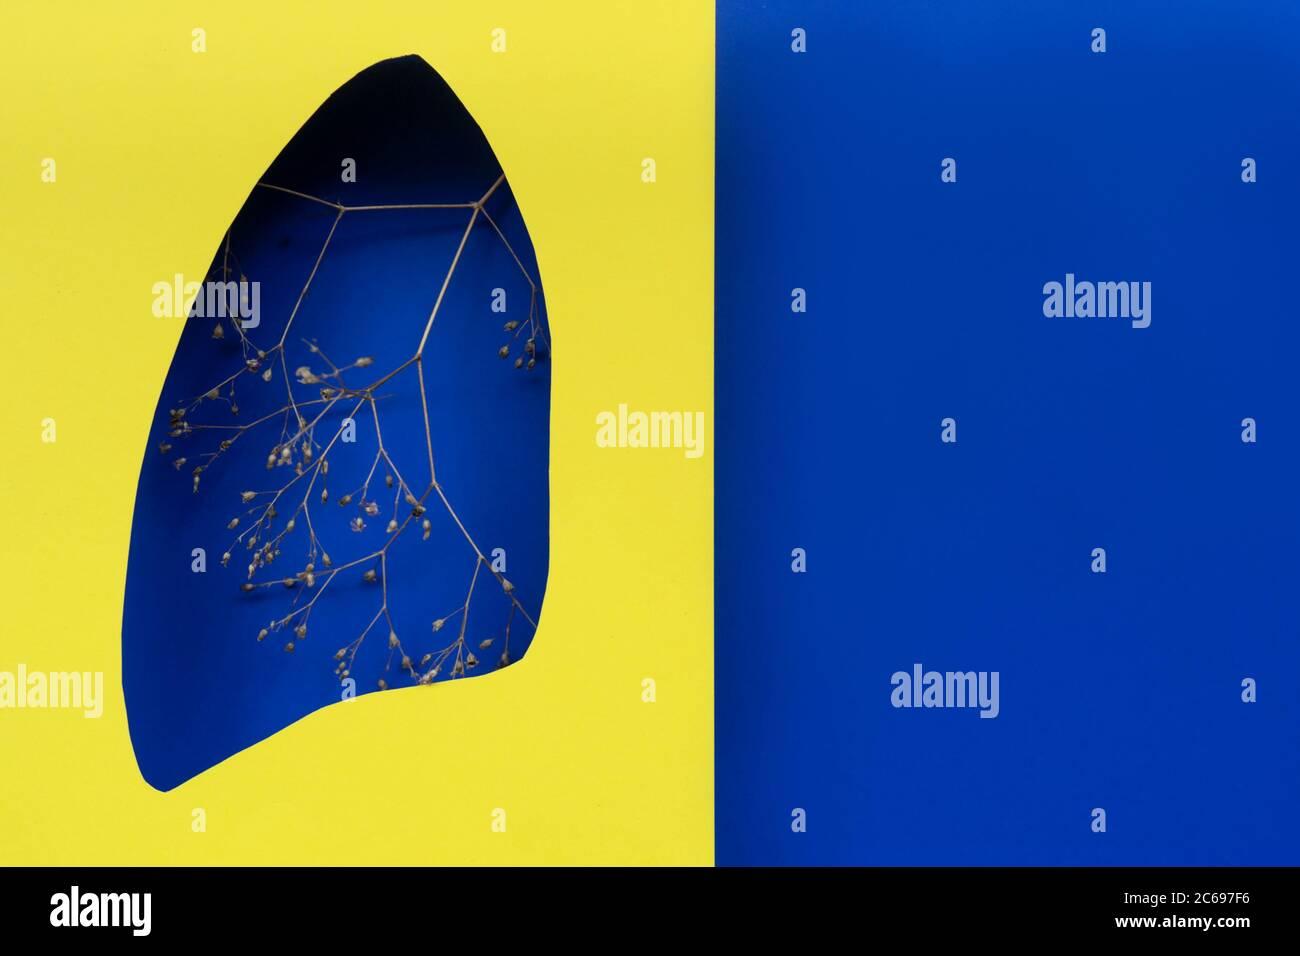 Lungen Symbol Papierkunst mit trockenen Zweigen, blau und gelb. Welttag der Tuberkulose. Gesundheitswesen, Medizin, Lungenkrebs, interne Spenderorgan und STOP s Stockfoto